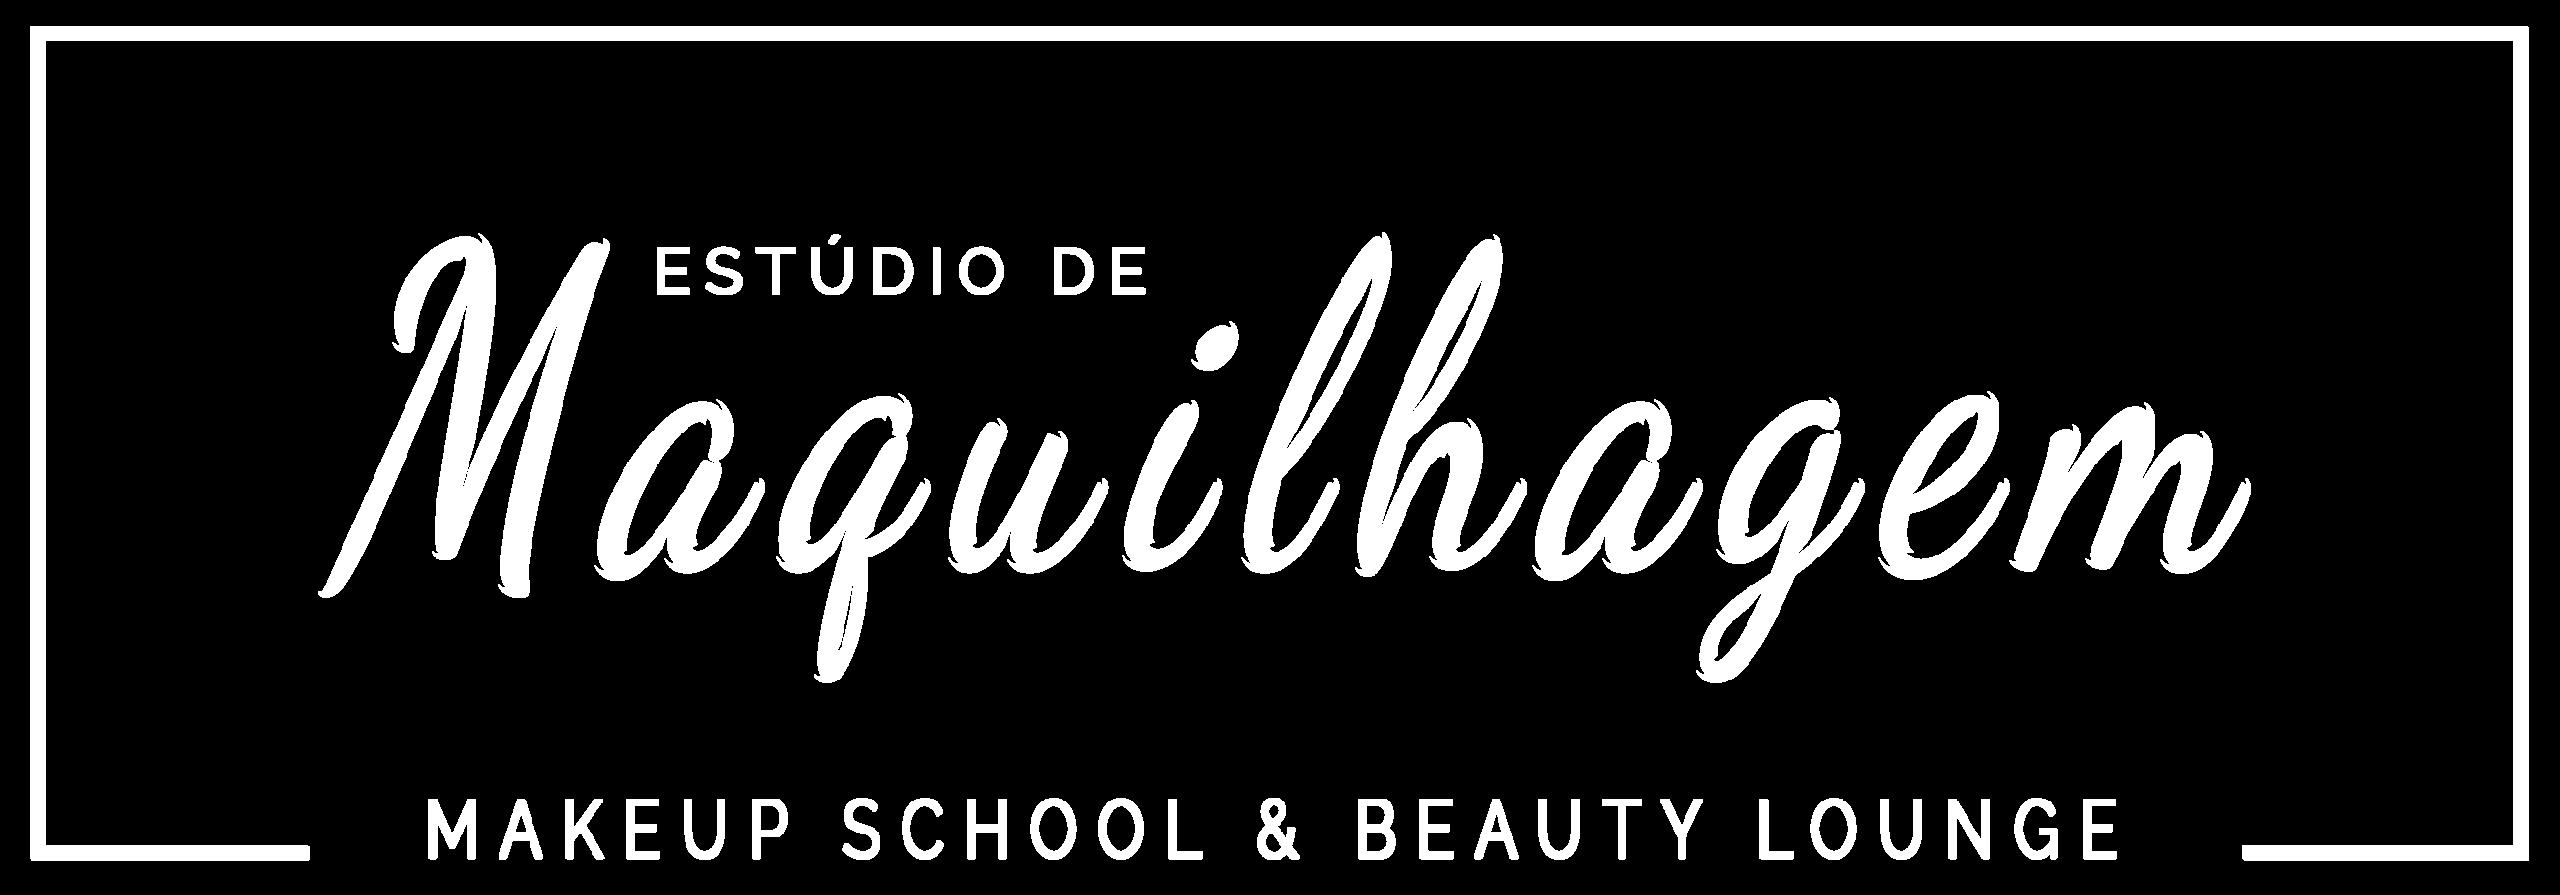 Estúdio de Maquilhagem Makeup School & Beauty Lounge Icon